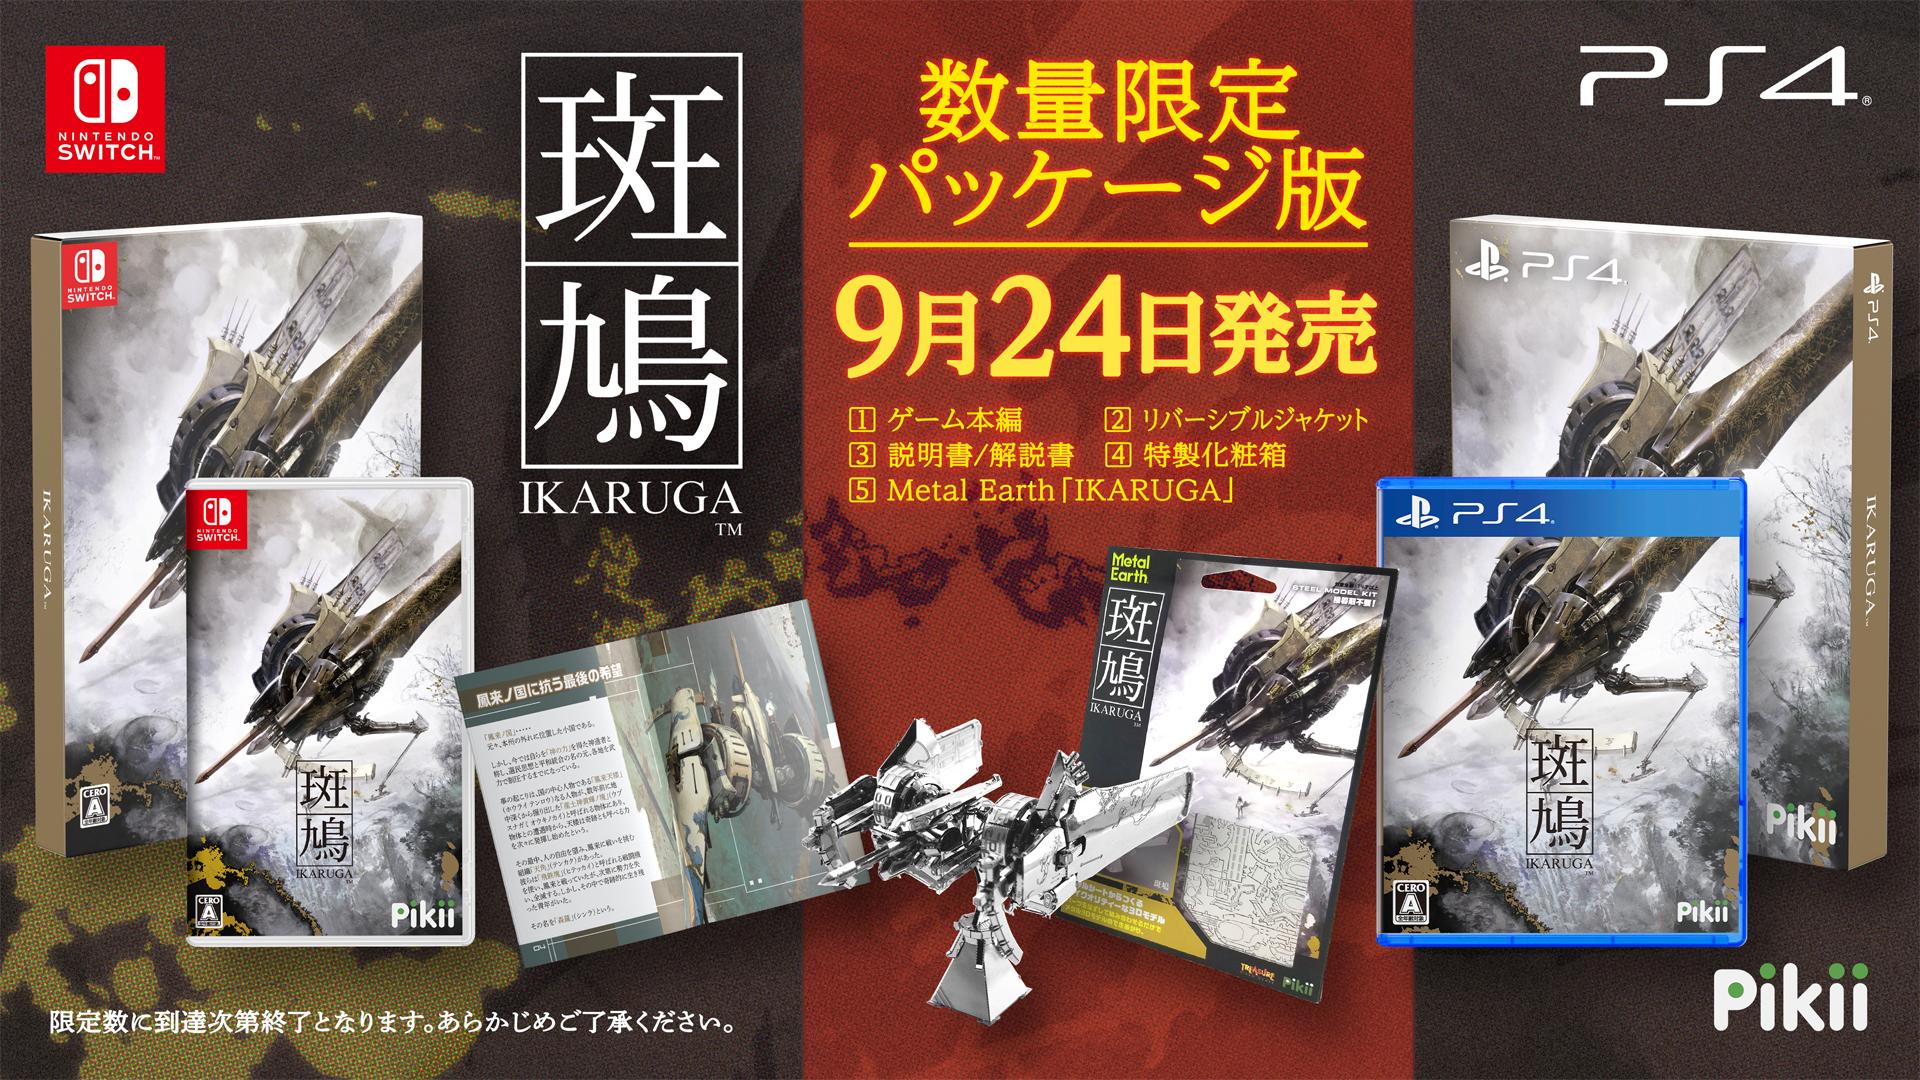 シューティングゲームの常識を覆した名作 『斑鳩 IKARUGA』が2020年9月24日(木)に パッケージ版として蘇る!